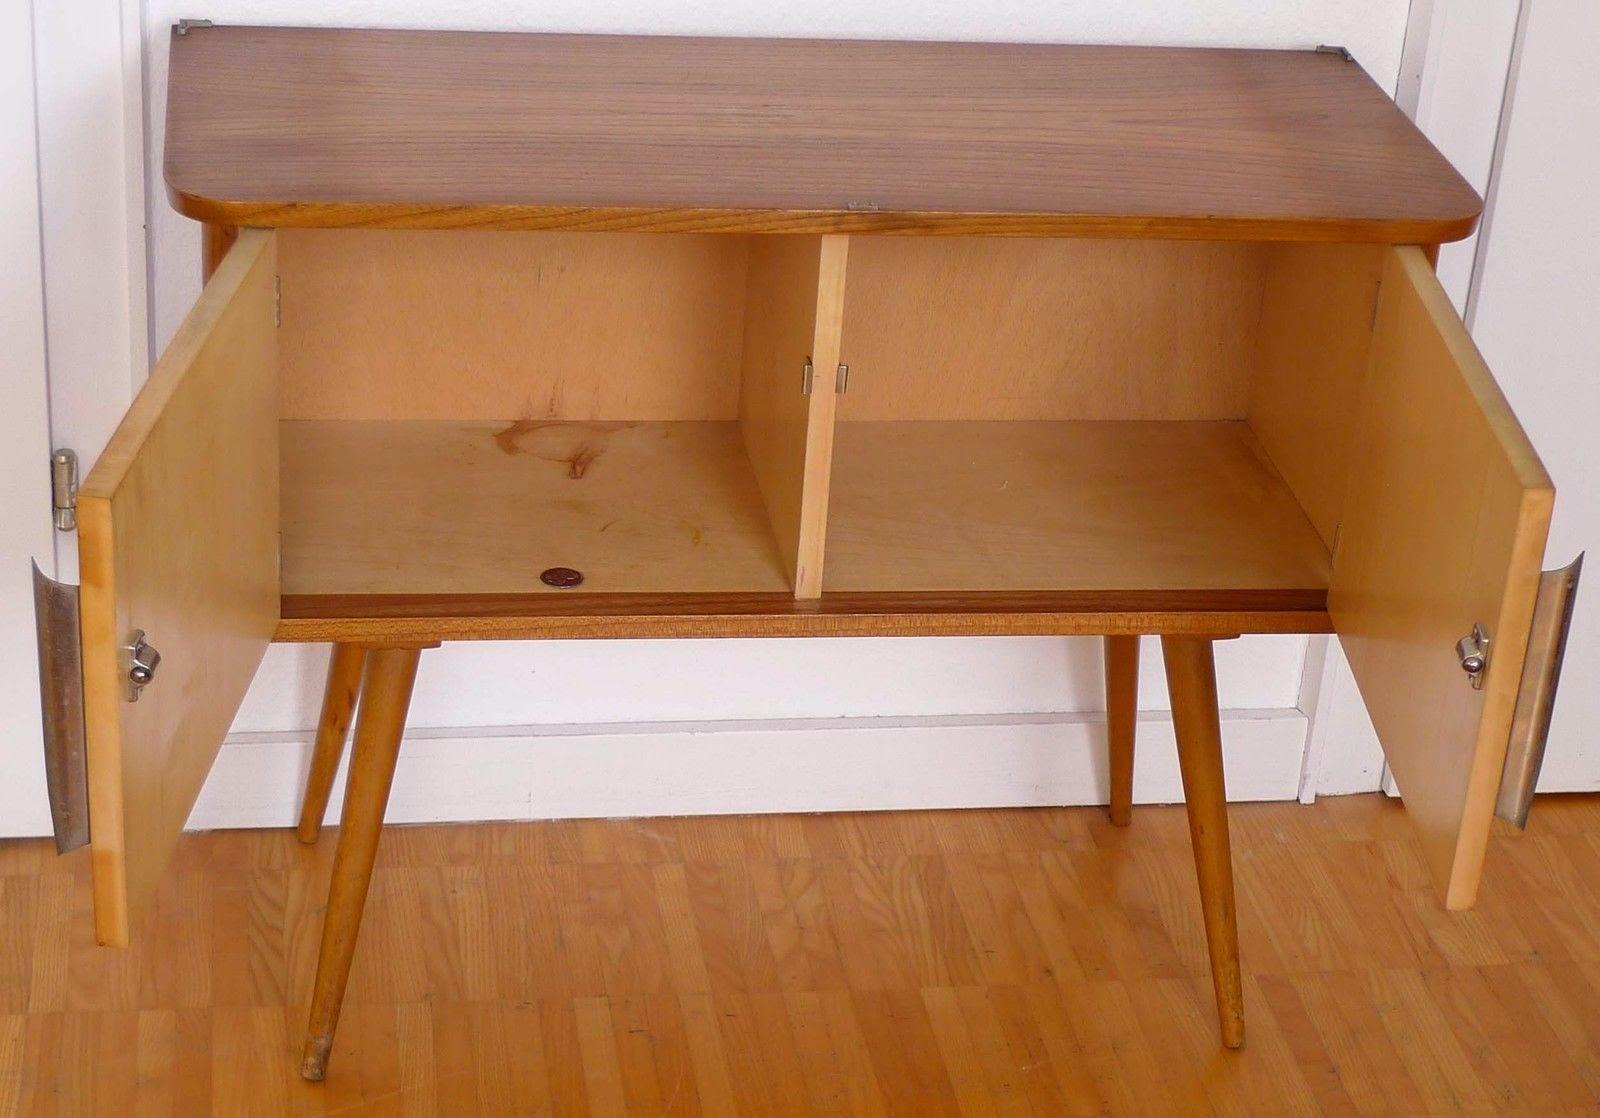 Area dise o vintage mueble auxiliar c moda recibidor aparador de los a os 50 - Mueble anos 50 ...